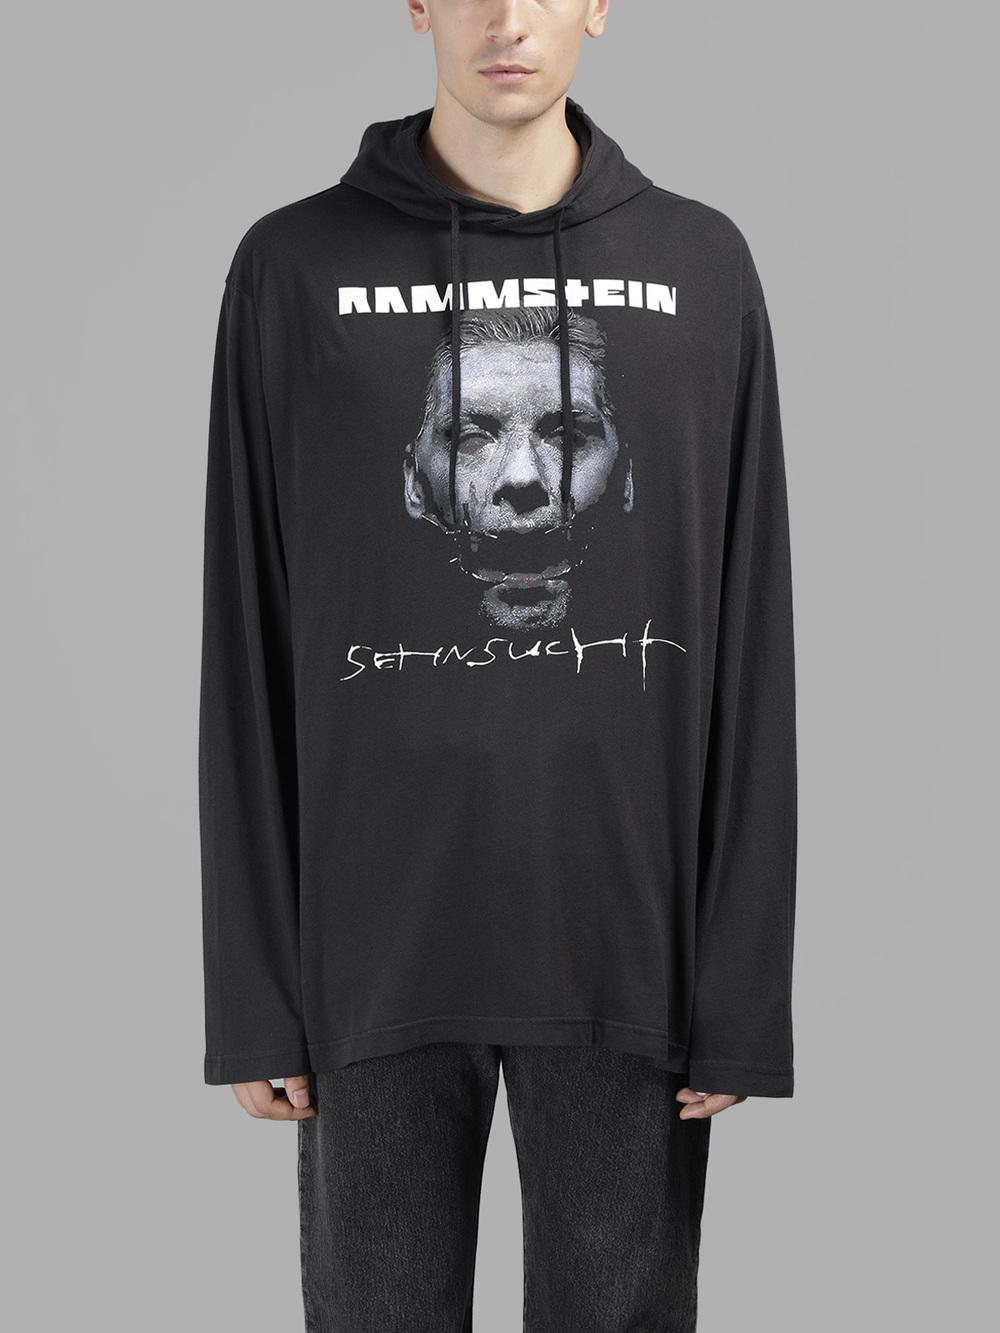 Vetements Release Rammstein Hoodie